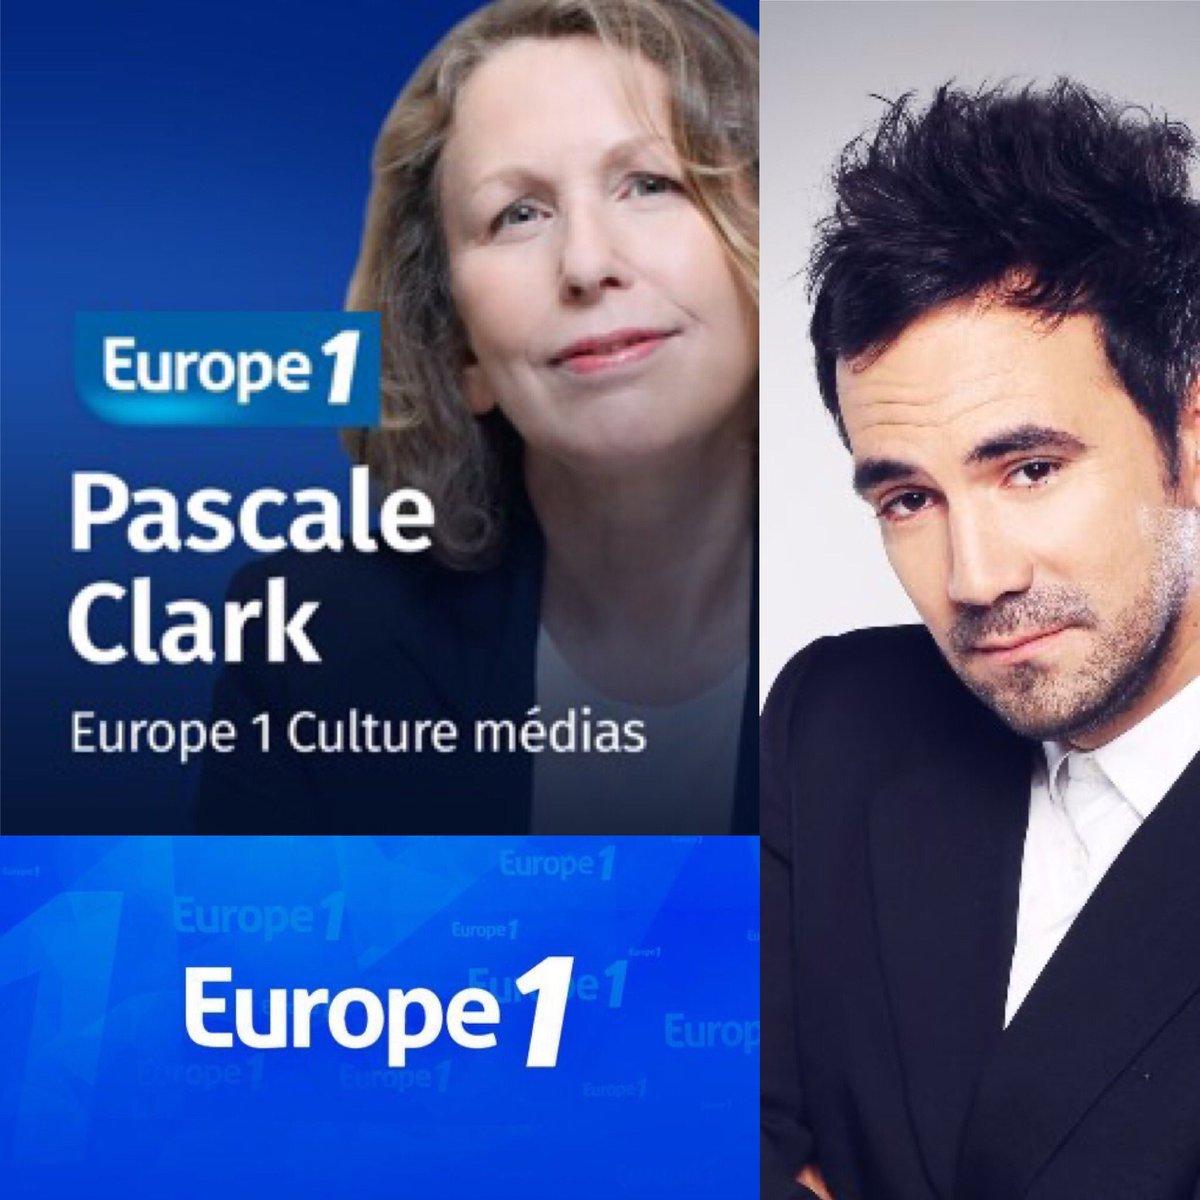 📻 @alexgoude sera dans #culturemedia a @Europe1 09H40  présenté par @PascaleClark . #europe1 #alexgoude #radio https://t.co/JDdoWbYBMe